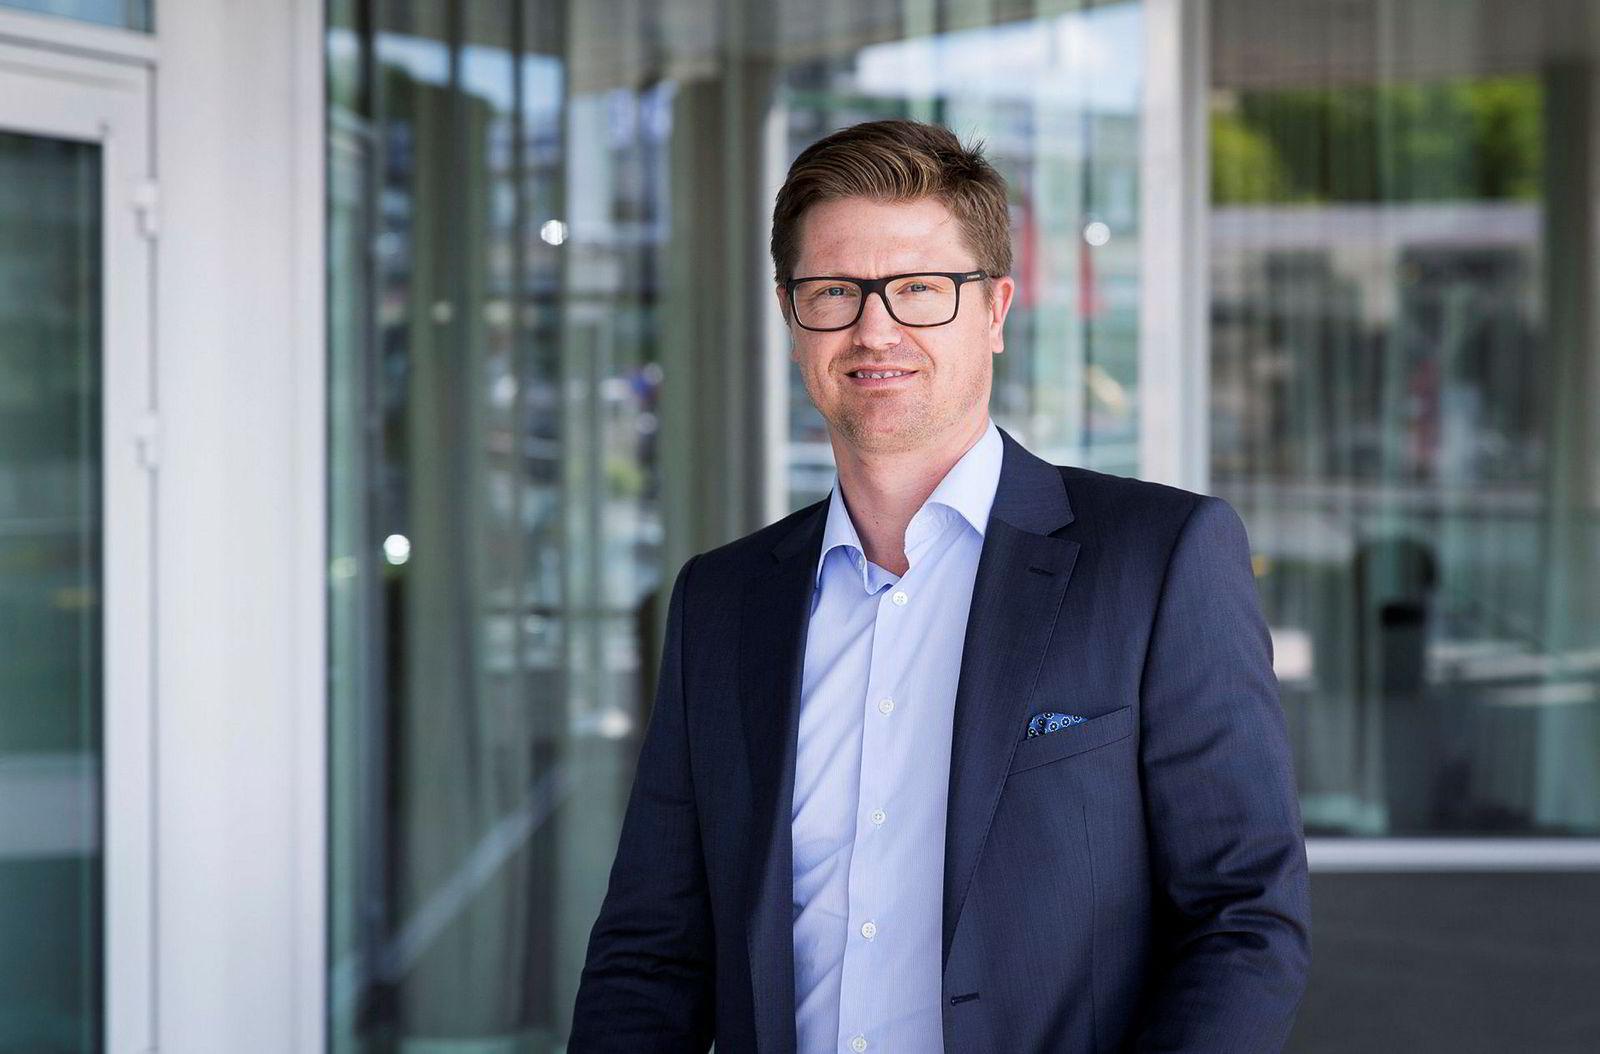 Magnus Reitan, Rema 1000-arving, solgte Norefjell-leiligheten sin til Robert Hvide Macleod.